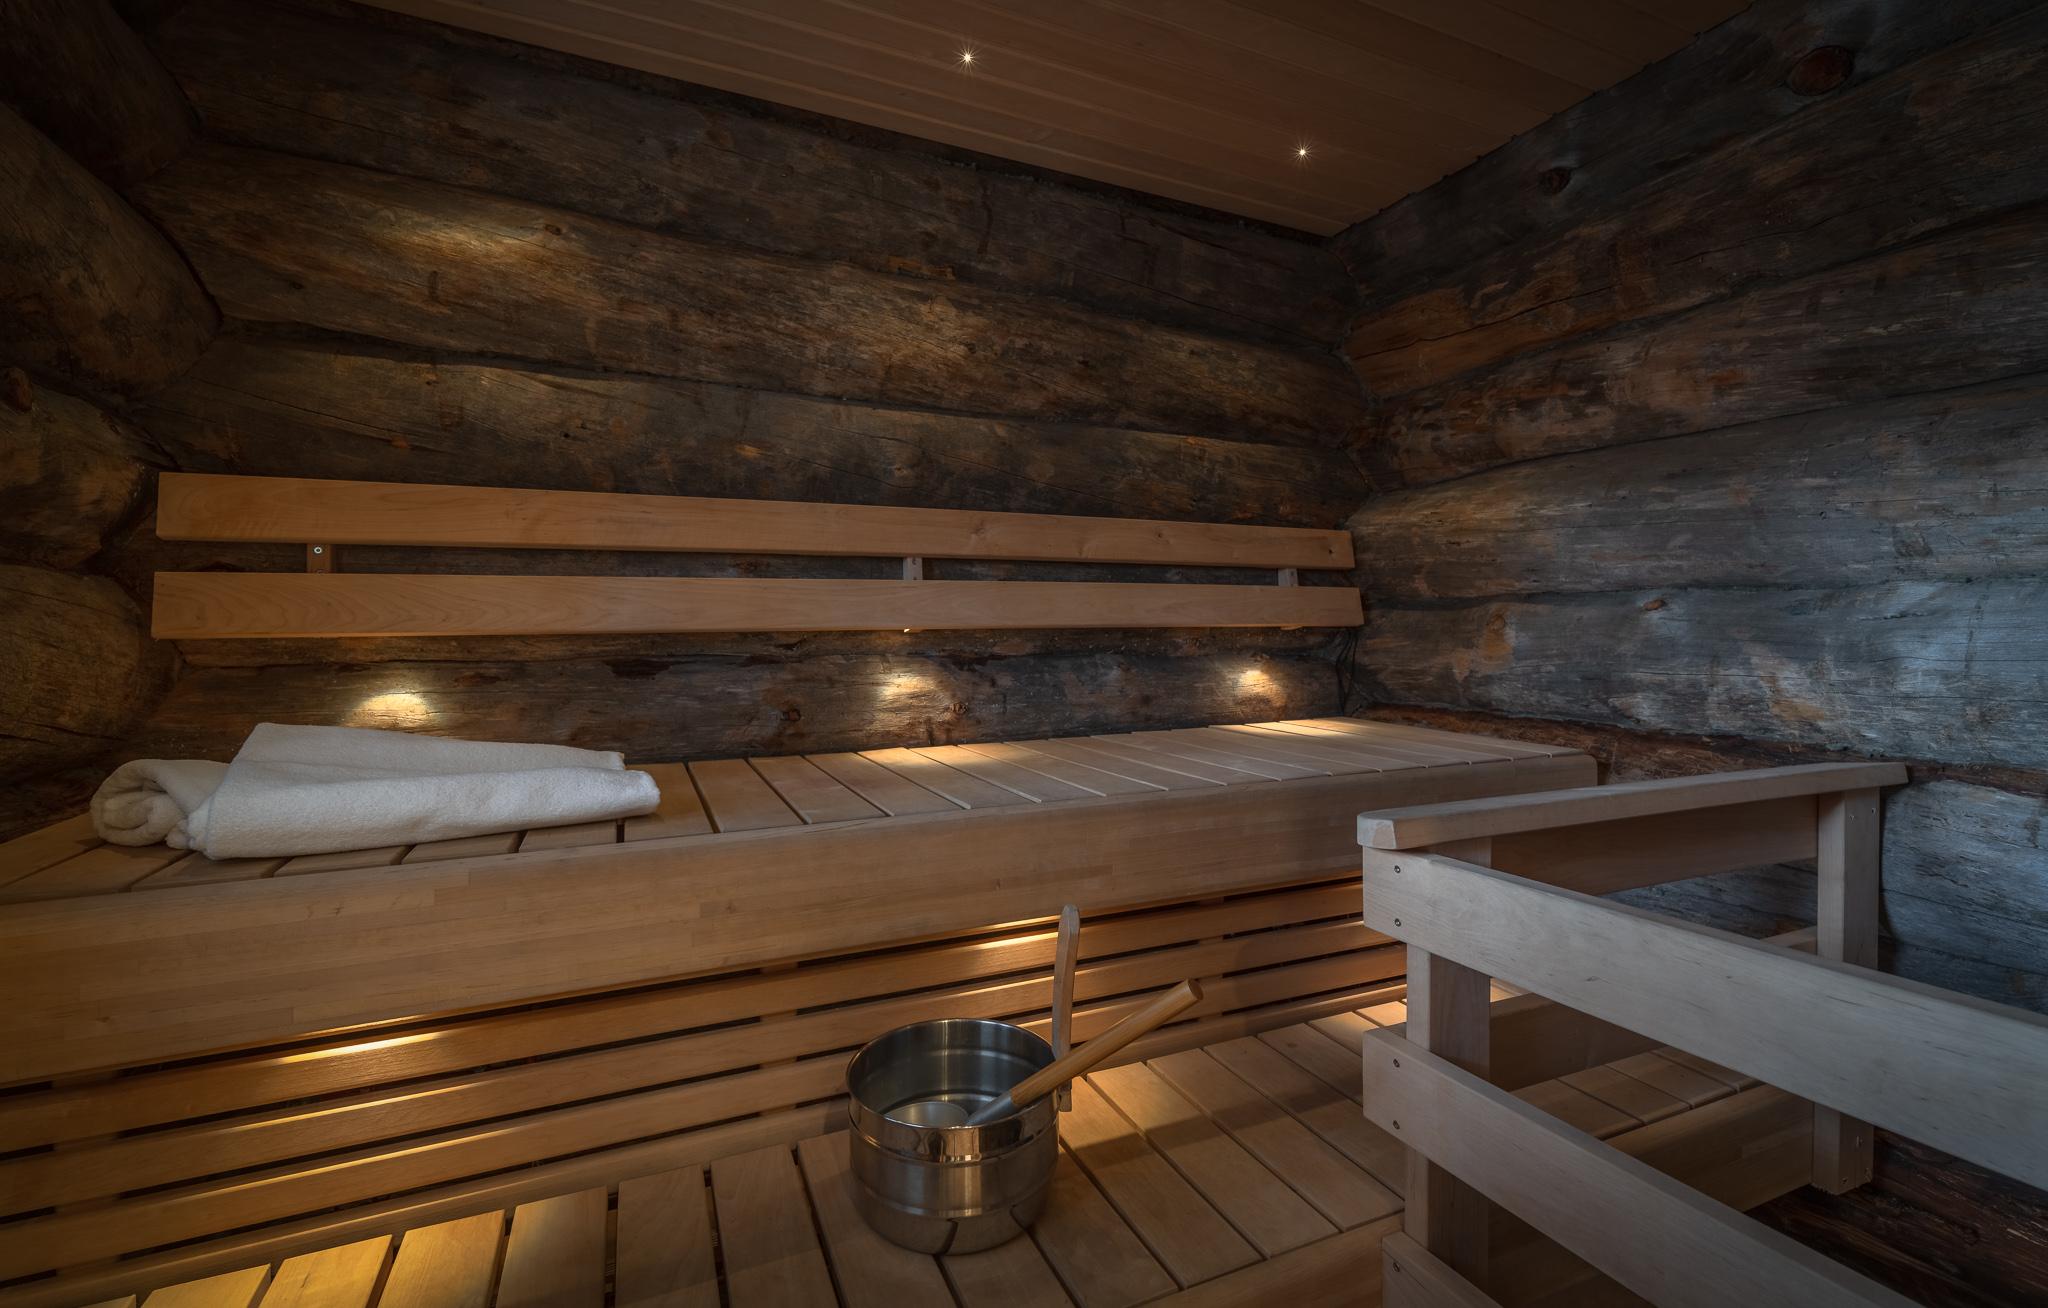 WildernessHotelNellim_logcabin_sauna